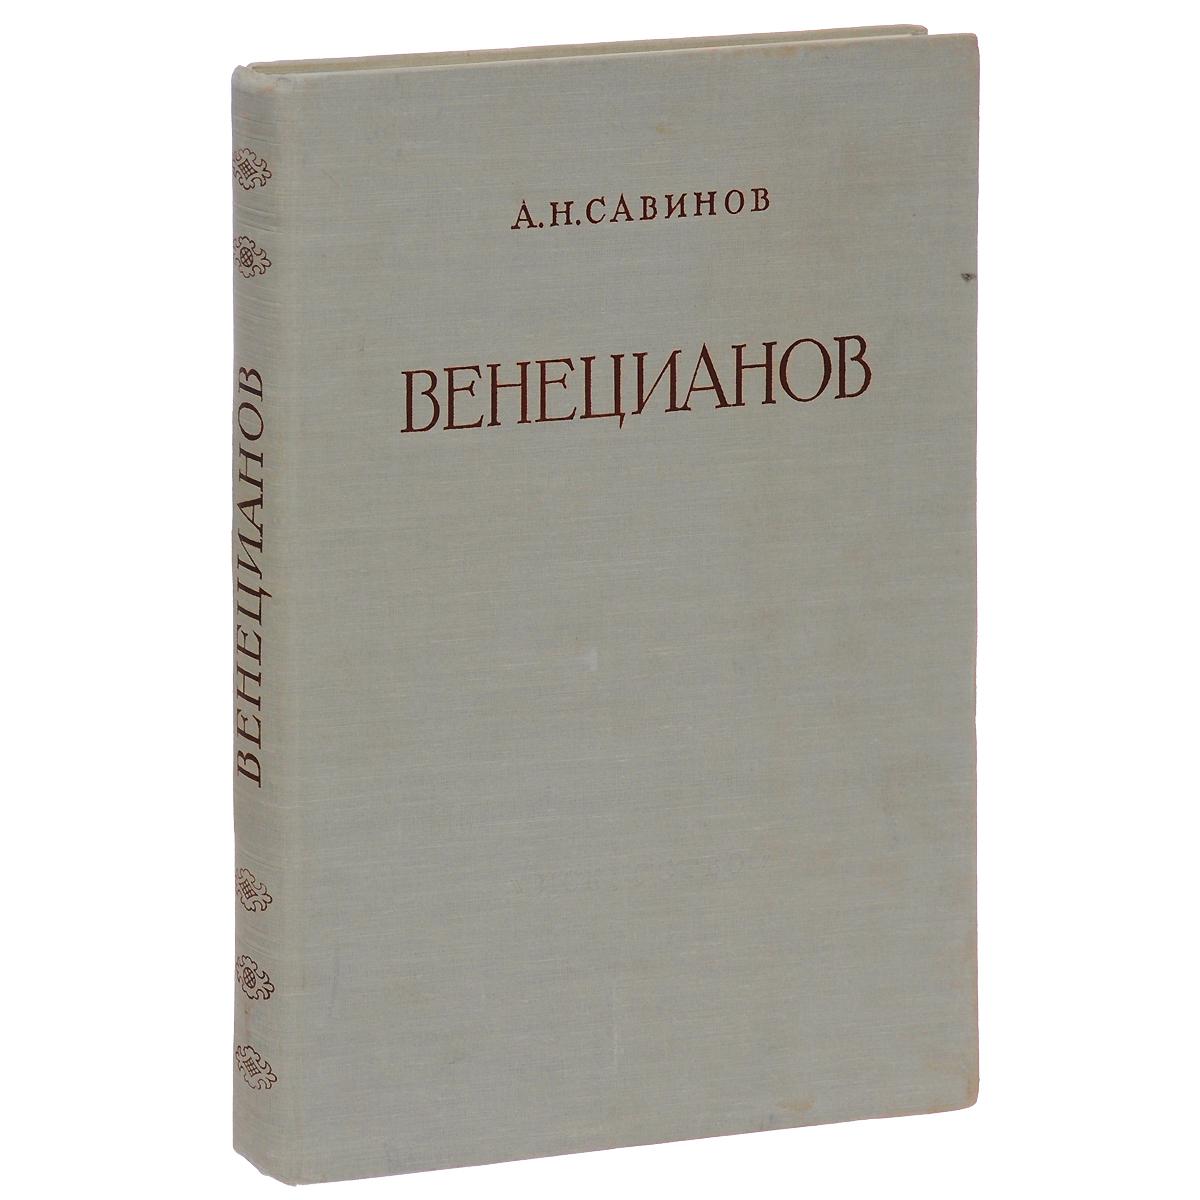 А. Н. Савинов Алексей Гаврилович Венецианов. Жизнь и творчество